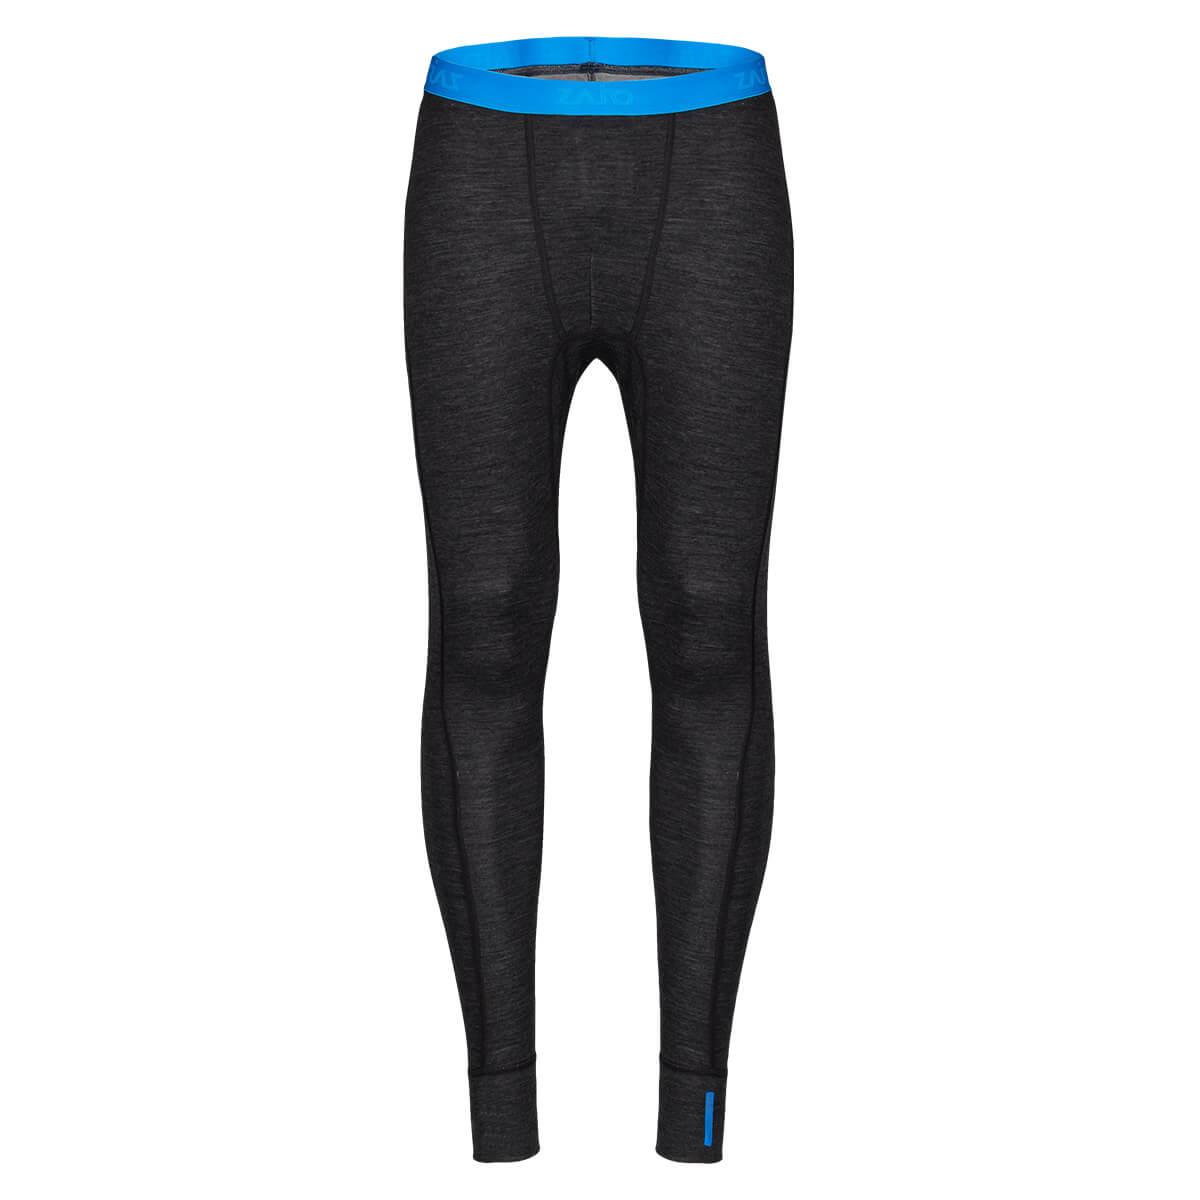 Pánske spodné prádlo Zajo Bergen Merino Pants Black - veľkosť XS